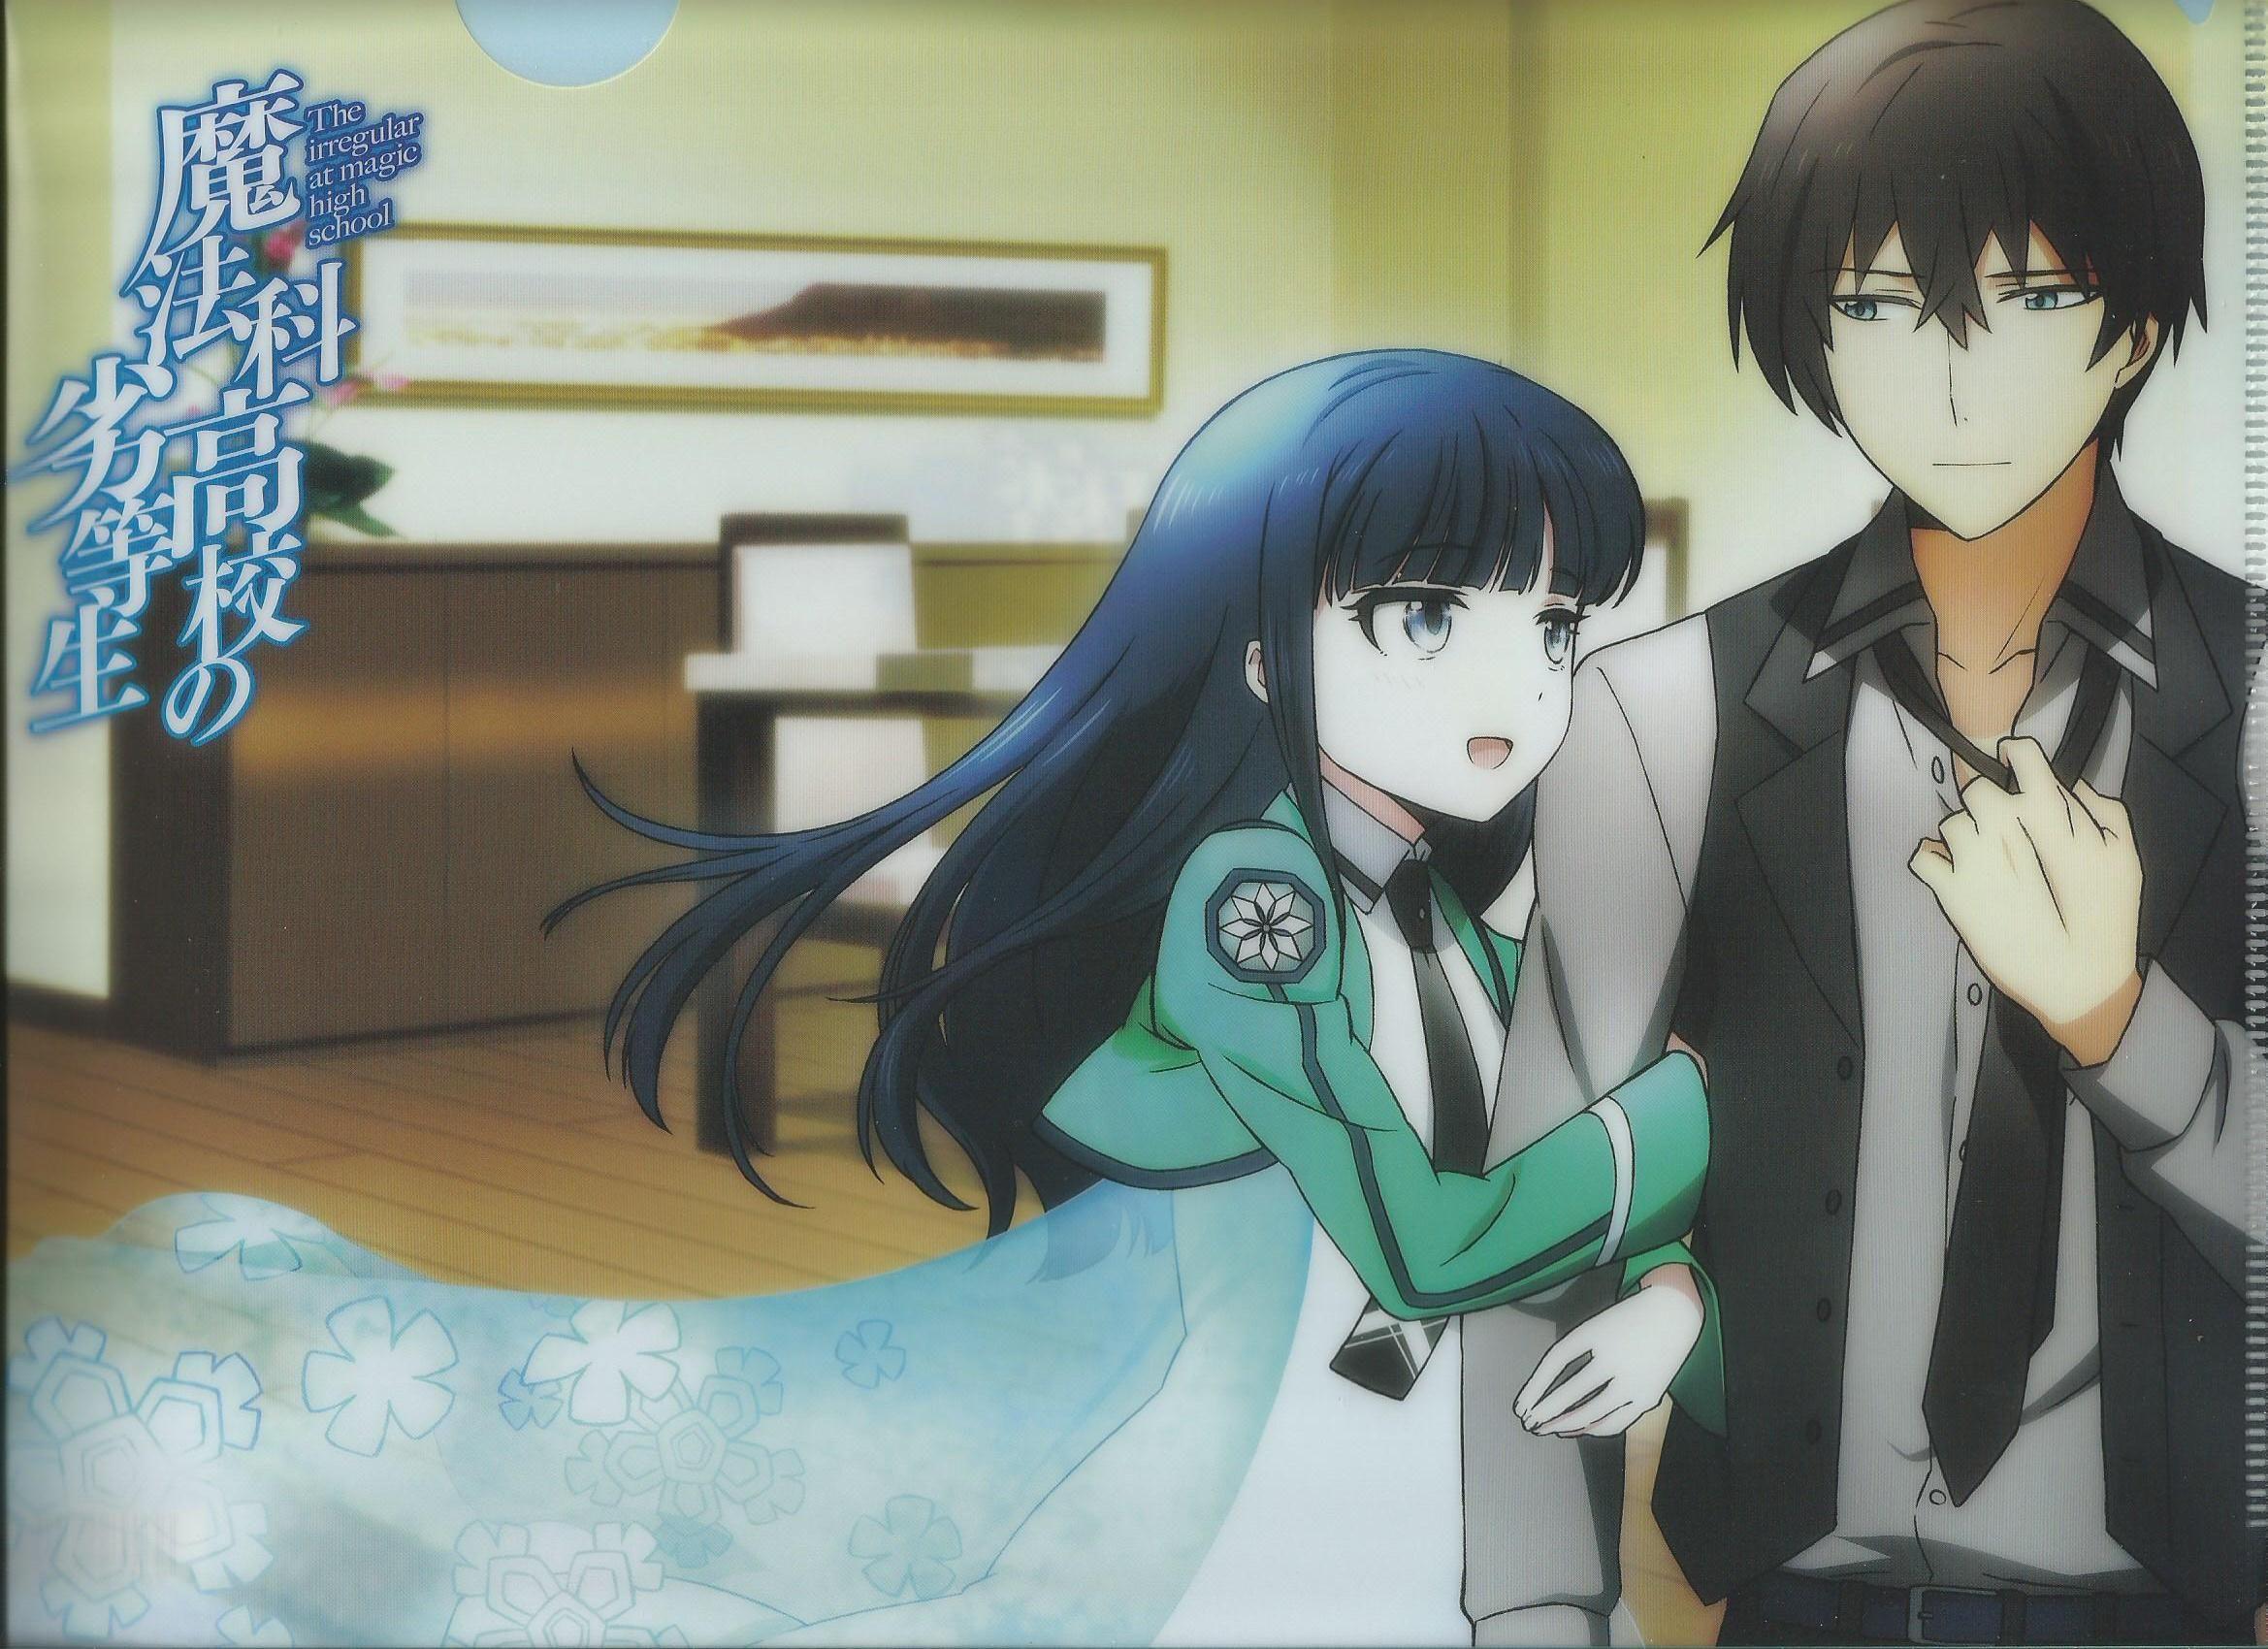 miyuki and tatsuya relationship counseling